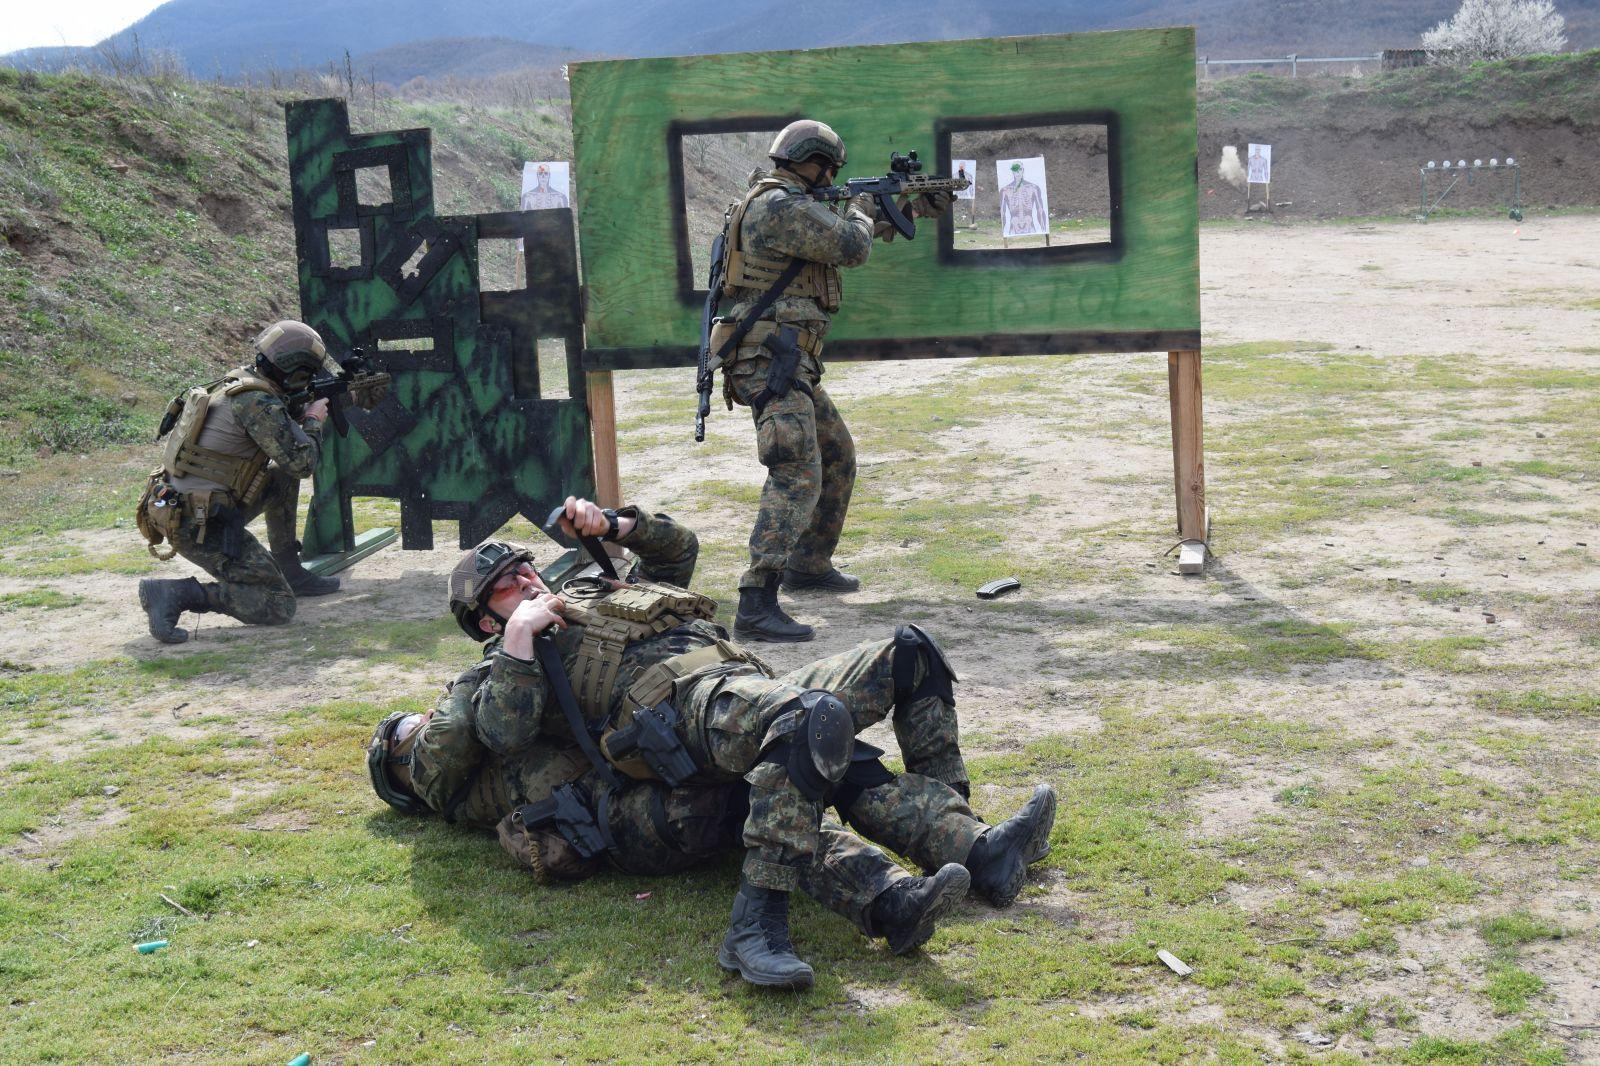 Нов учебно-тренировъчен комплекс на Специалните сили. Част 3 - Инфилтрация, евакуация и MEDEVAC с авиацията (ГОЛЯМА АВИАЦИОННА ГАЛЕРИЯ)